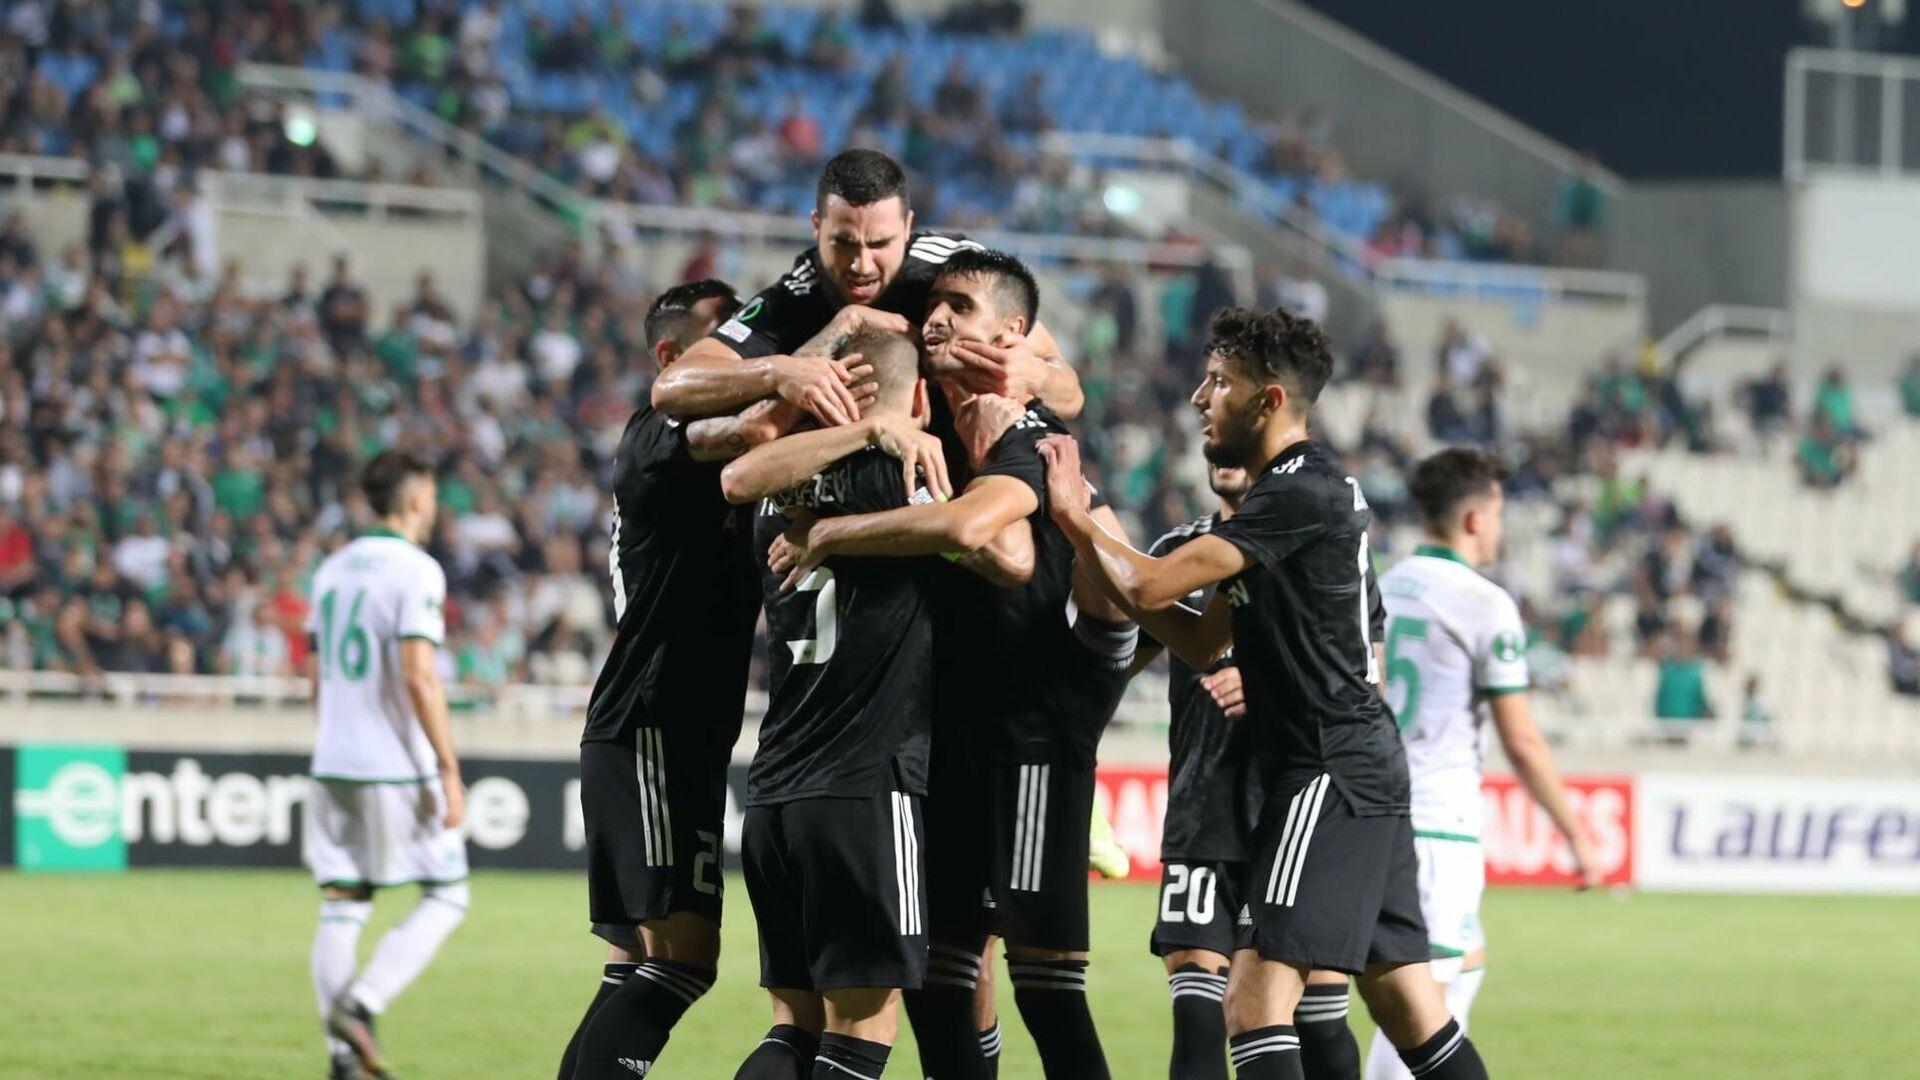 Qarabağ klubunun futbolçuları Omonia komandasının qapısına vurduqları üçüncü qolu qeyd edirlər - Sputnik Azərbaycan, 1920, 01.10.2021